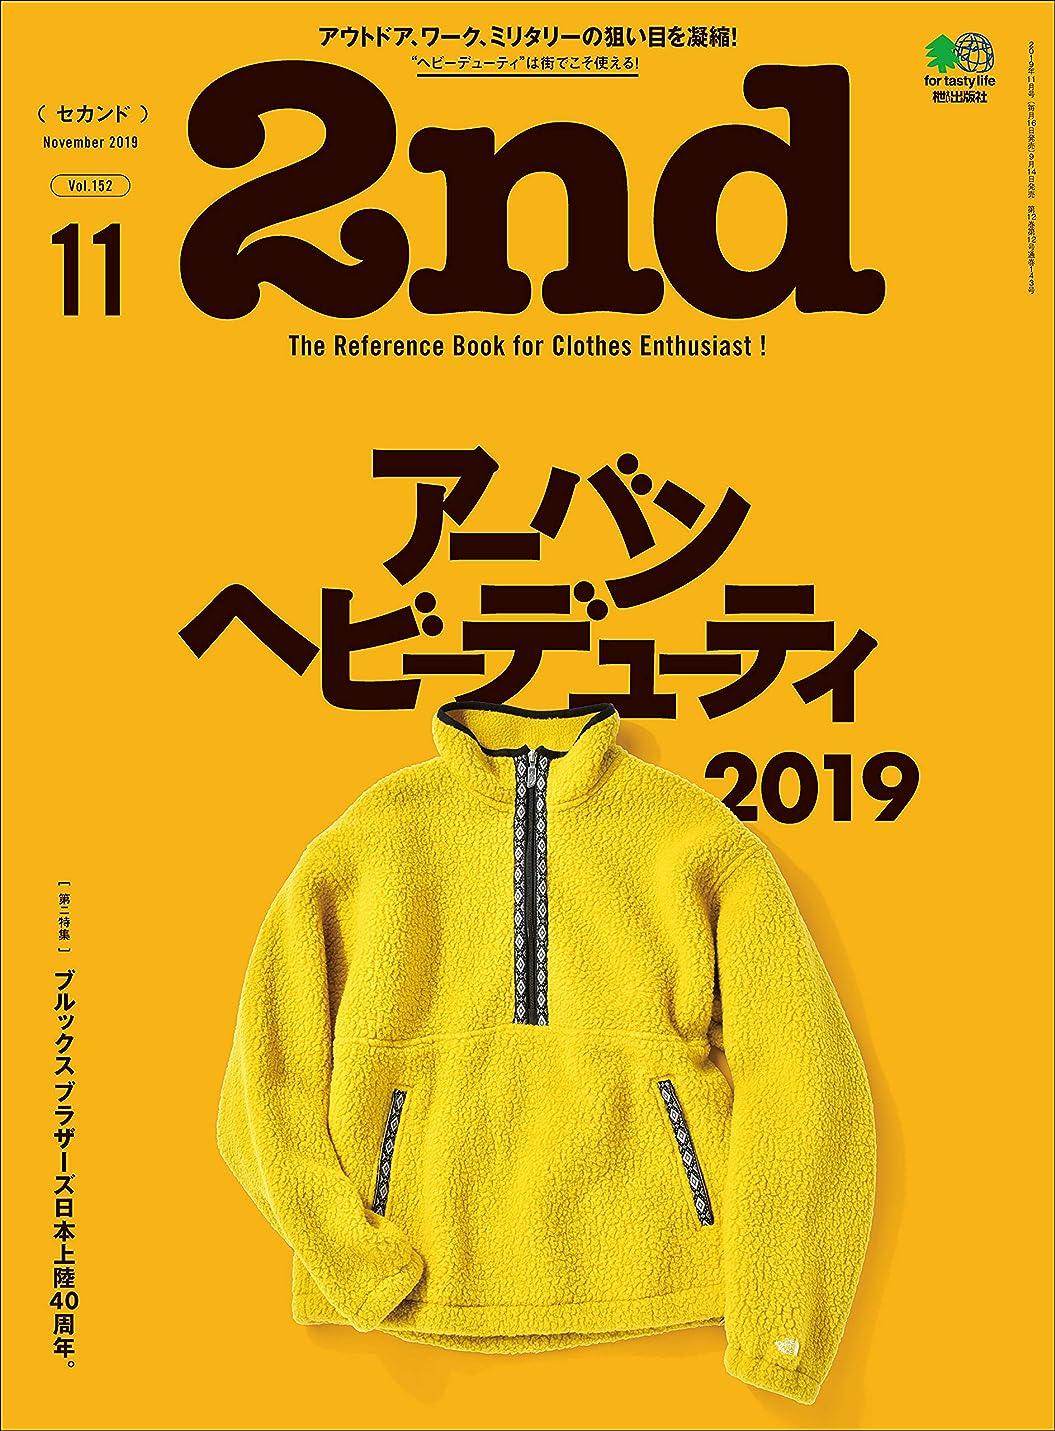 デッキスイいつ2nd(セカンド) 2019年11月号 Vol.152(アーバンヘビーデューティ AtoZ)[雑誌]